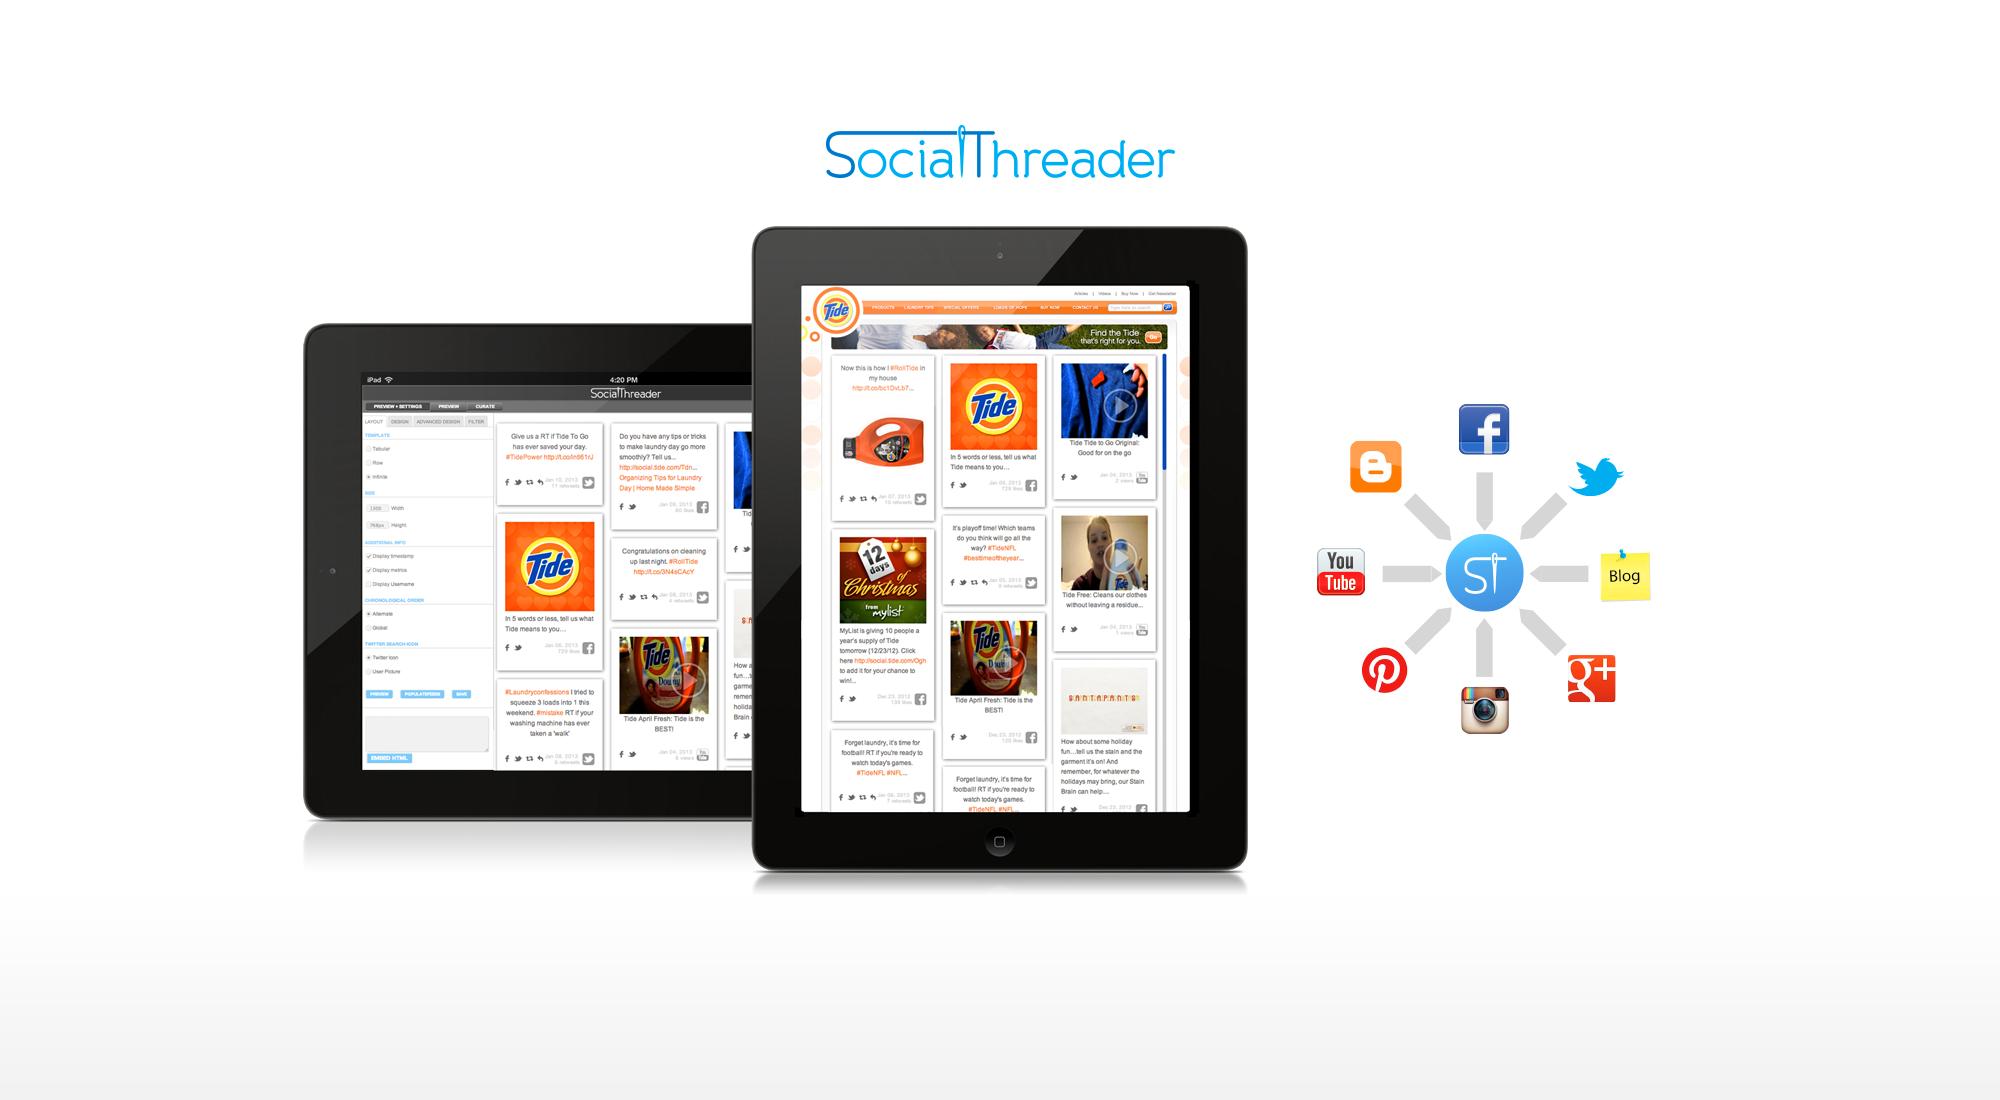 social_threader_01